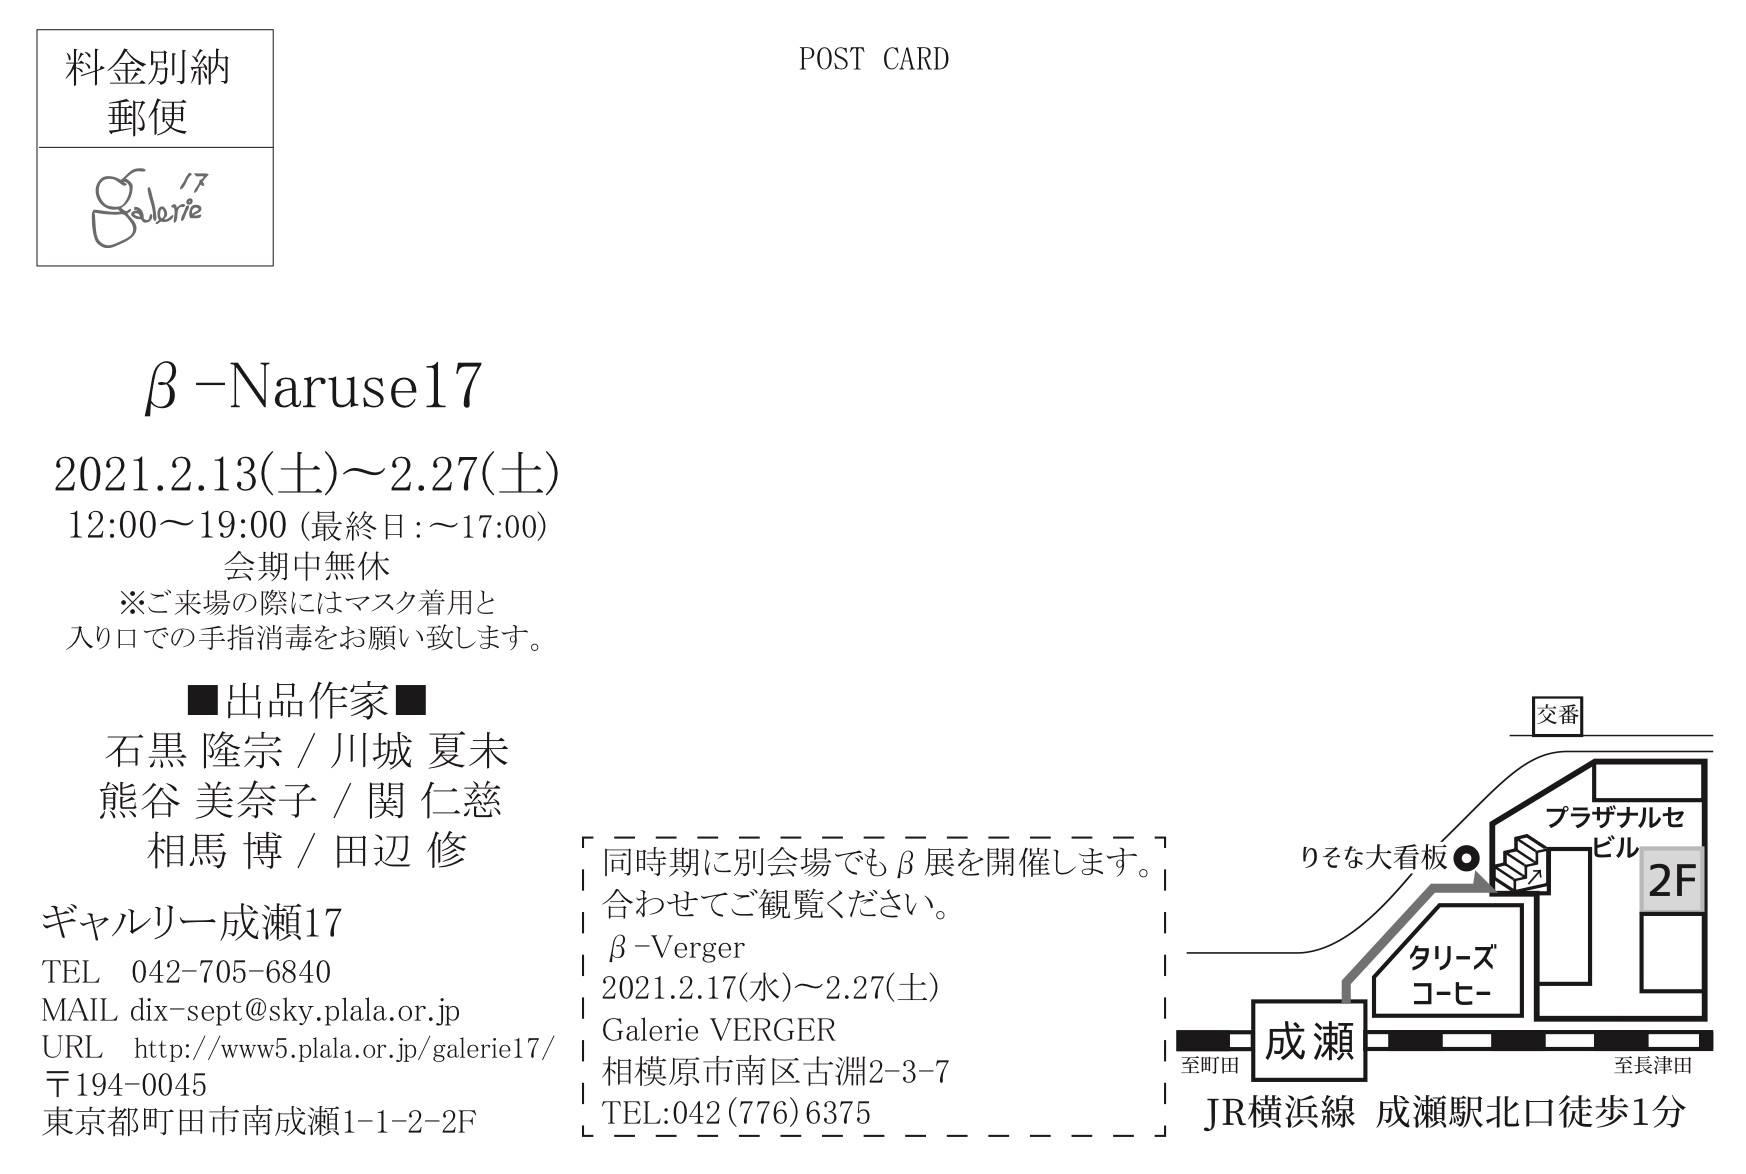 β- Naruse17_DM宛名